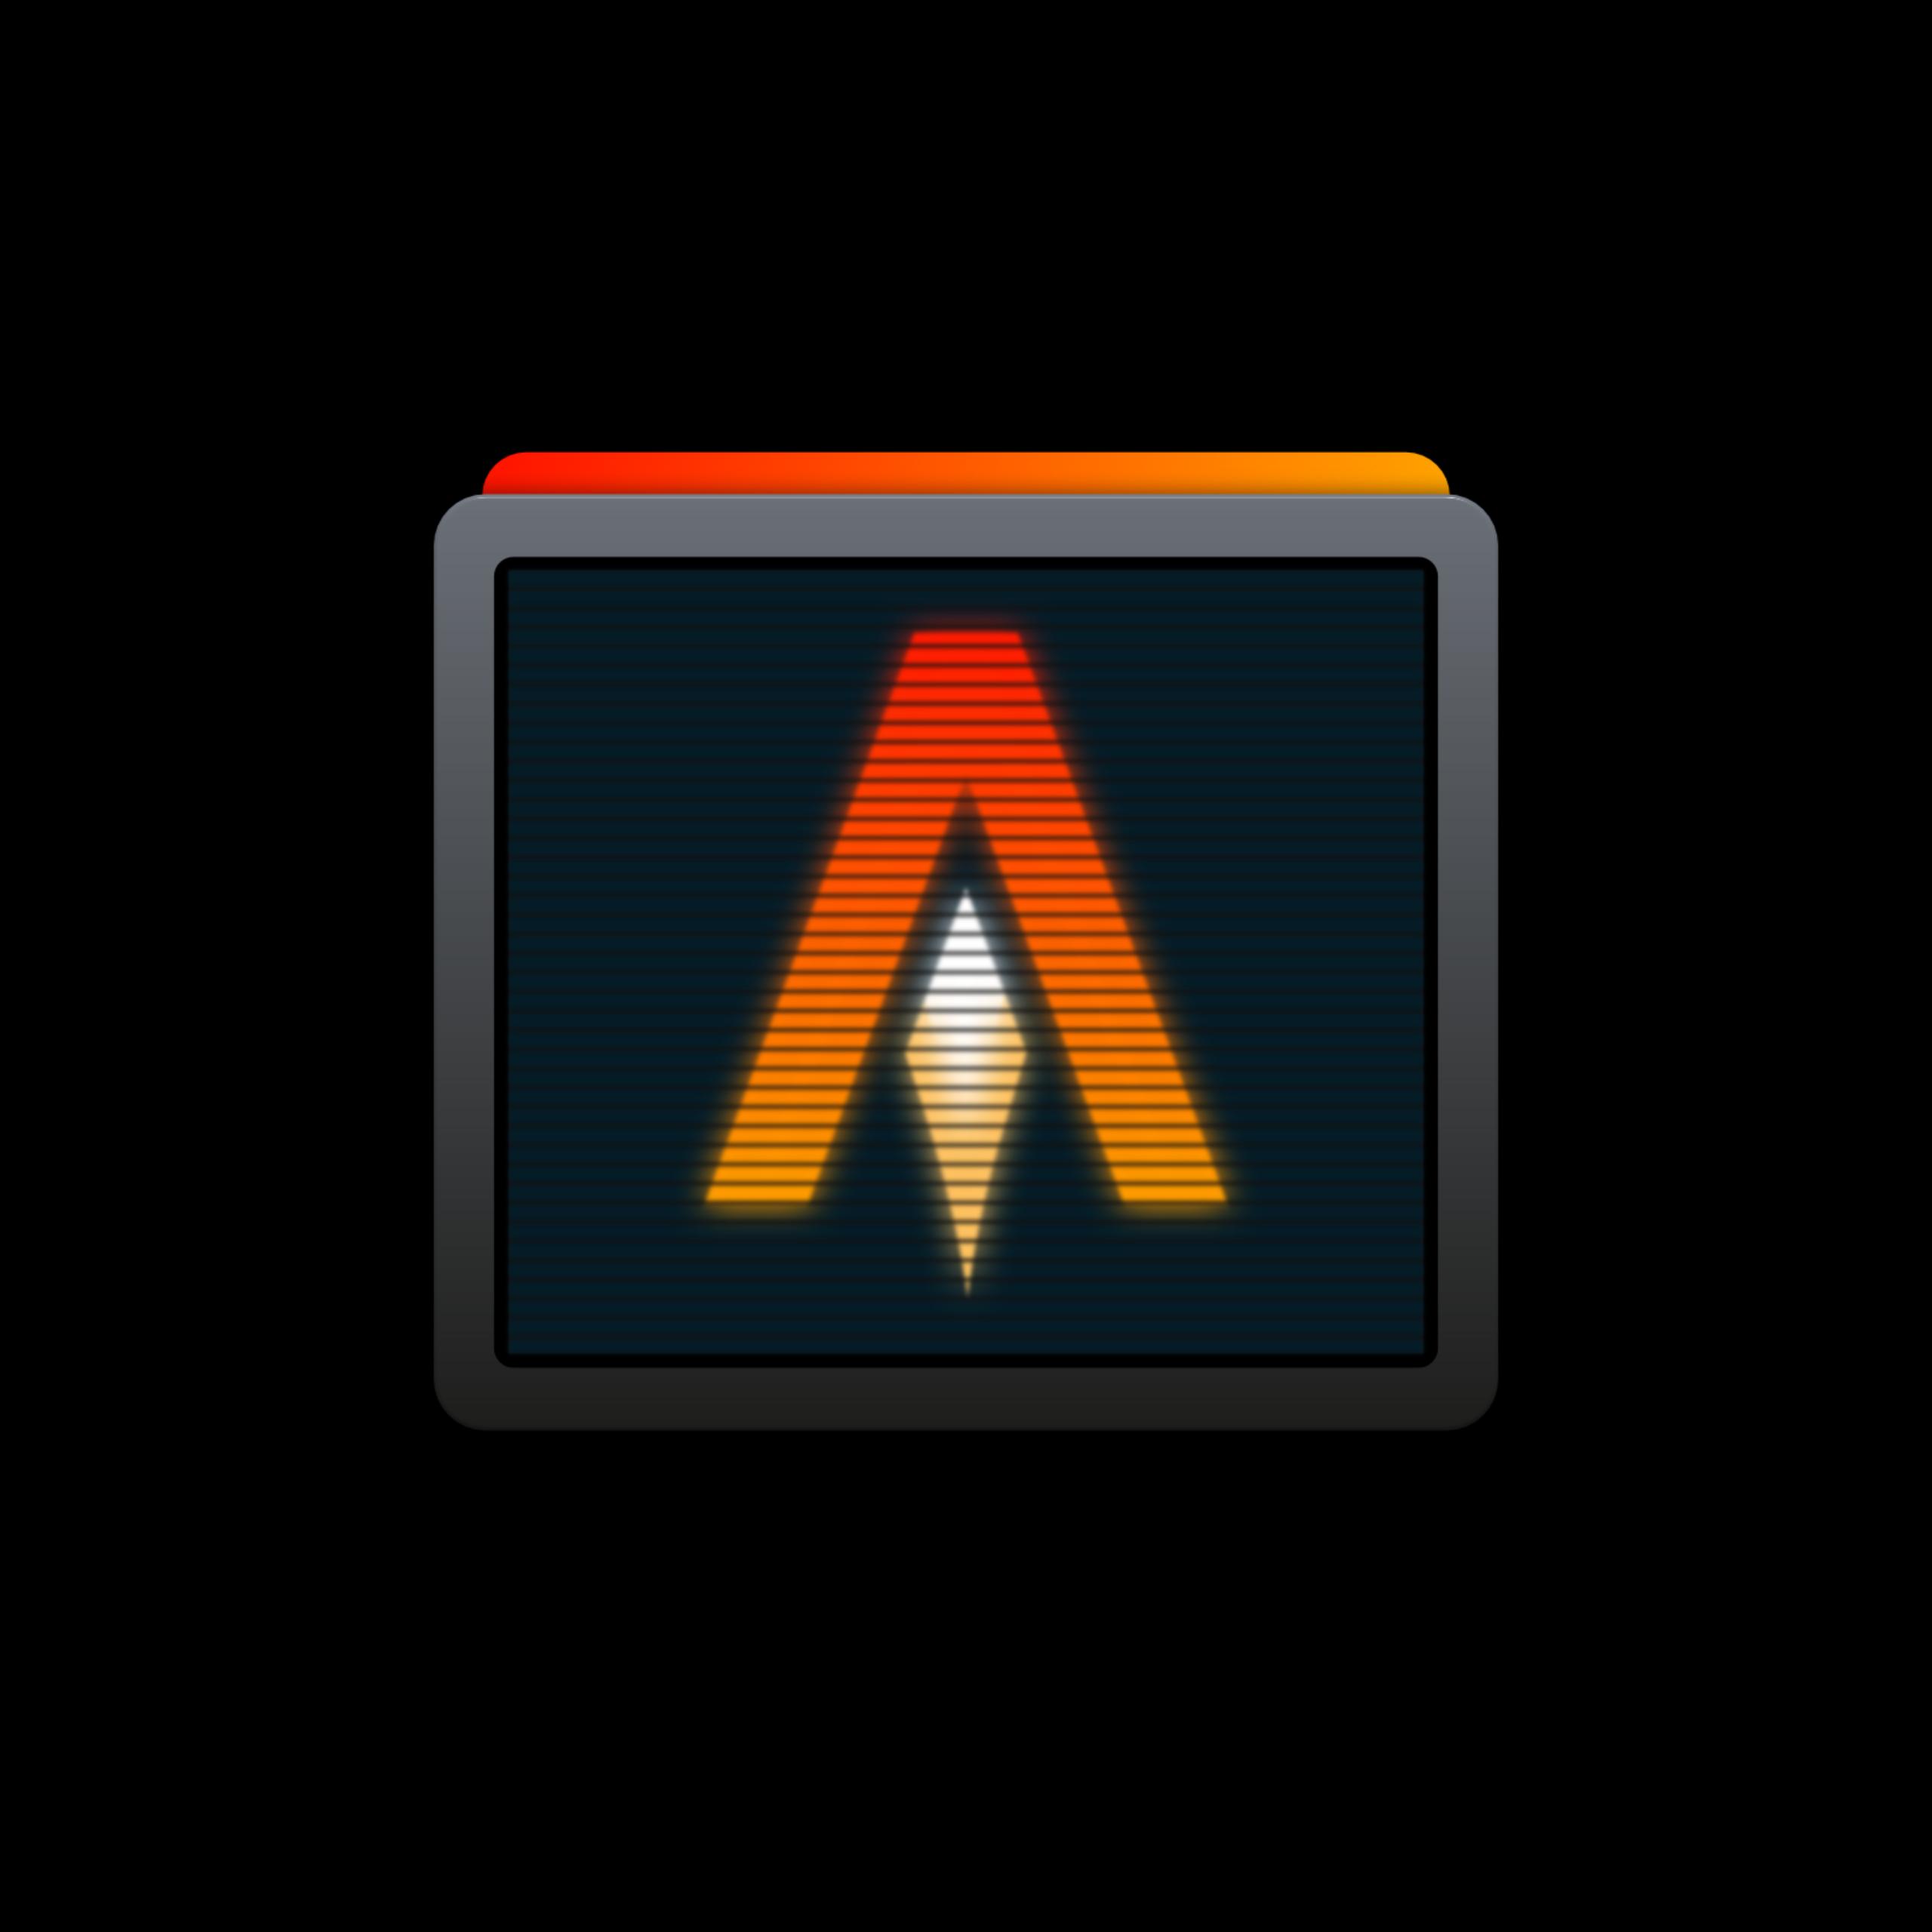 alacrity fancy icon! · Issue #285 · jwilm/alacritty · GitHub